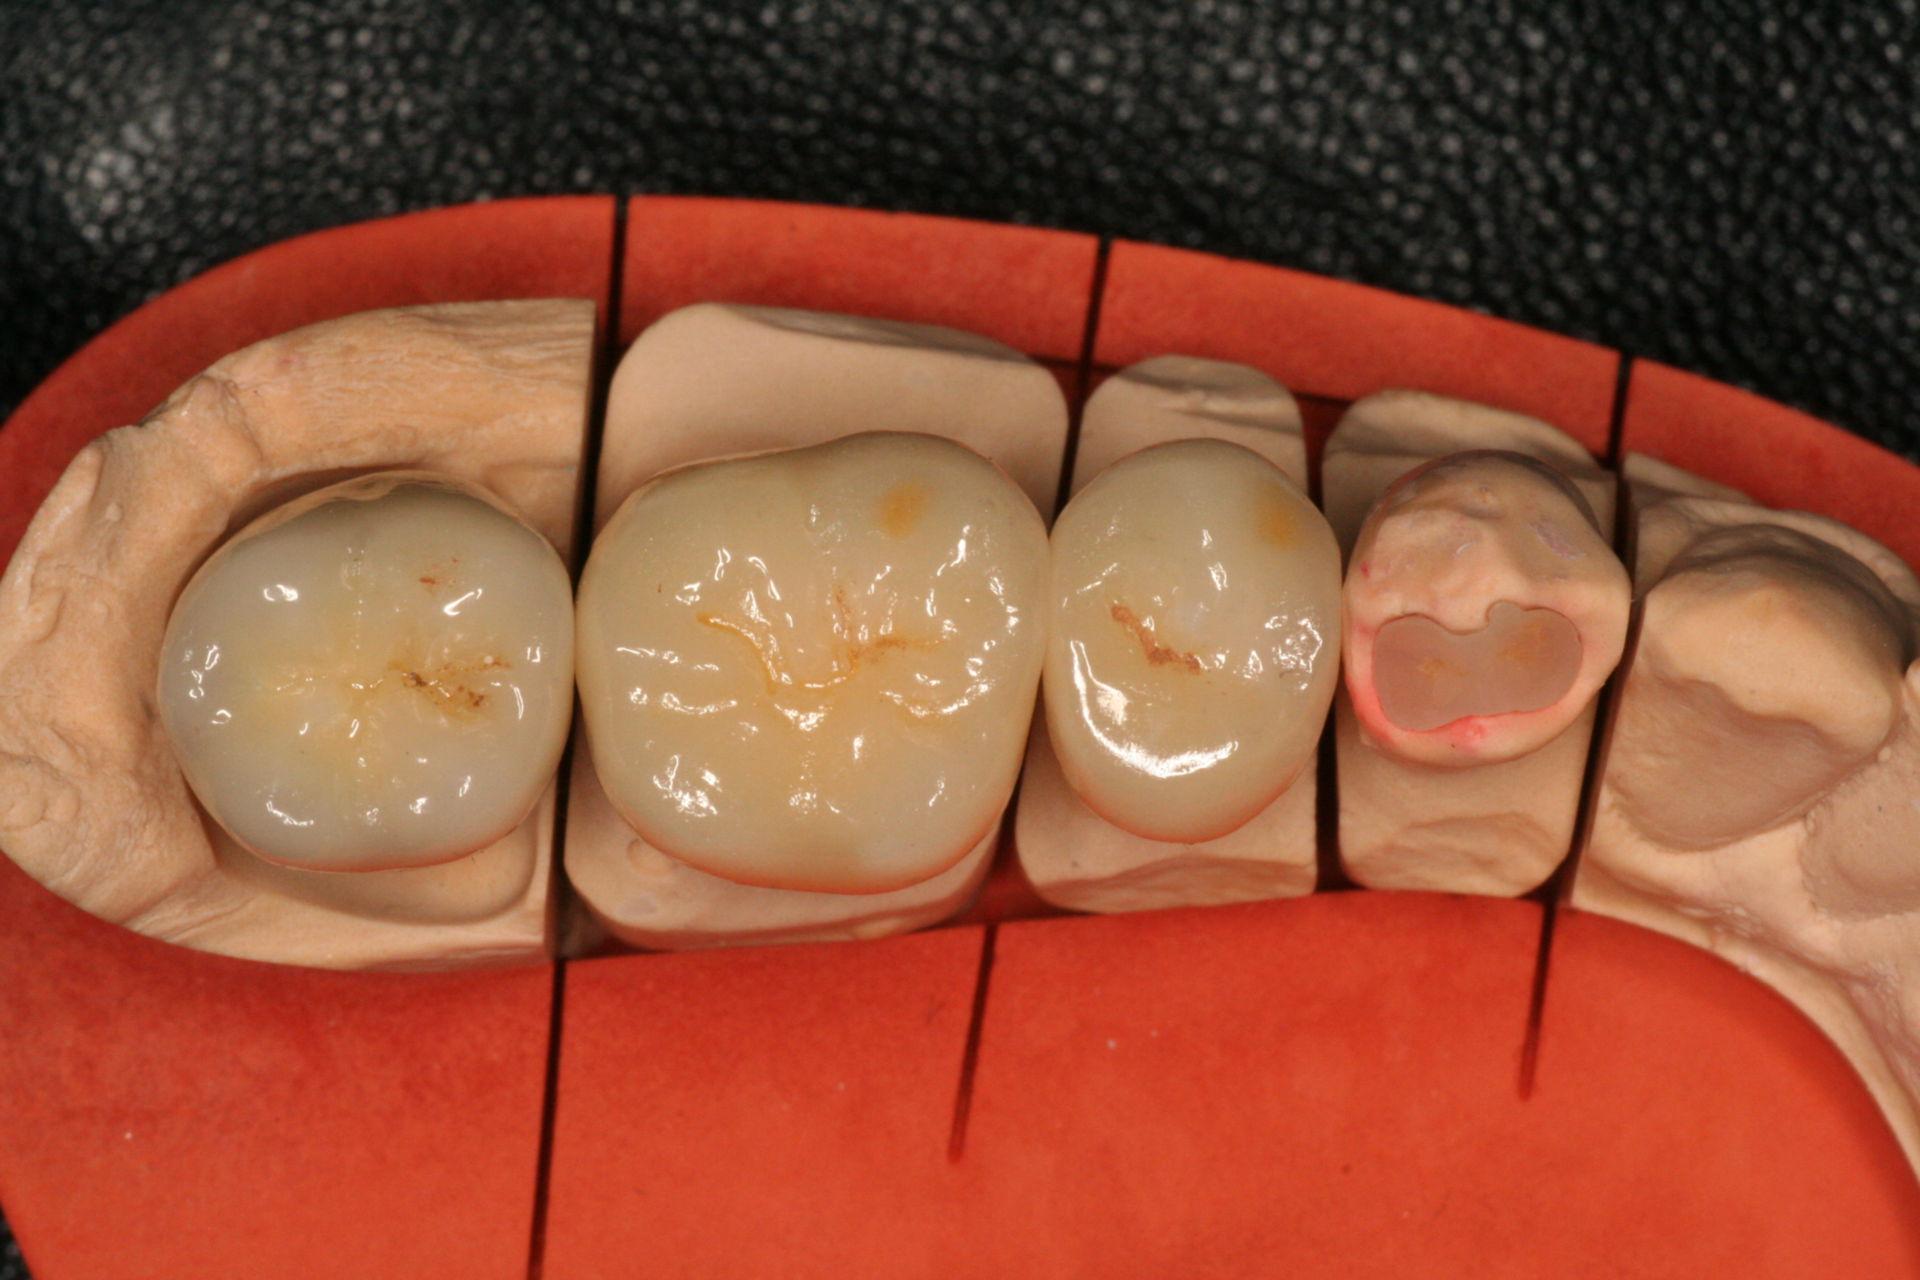 Teeth (prothesis)